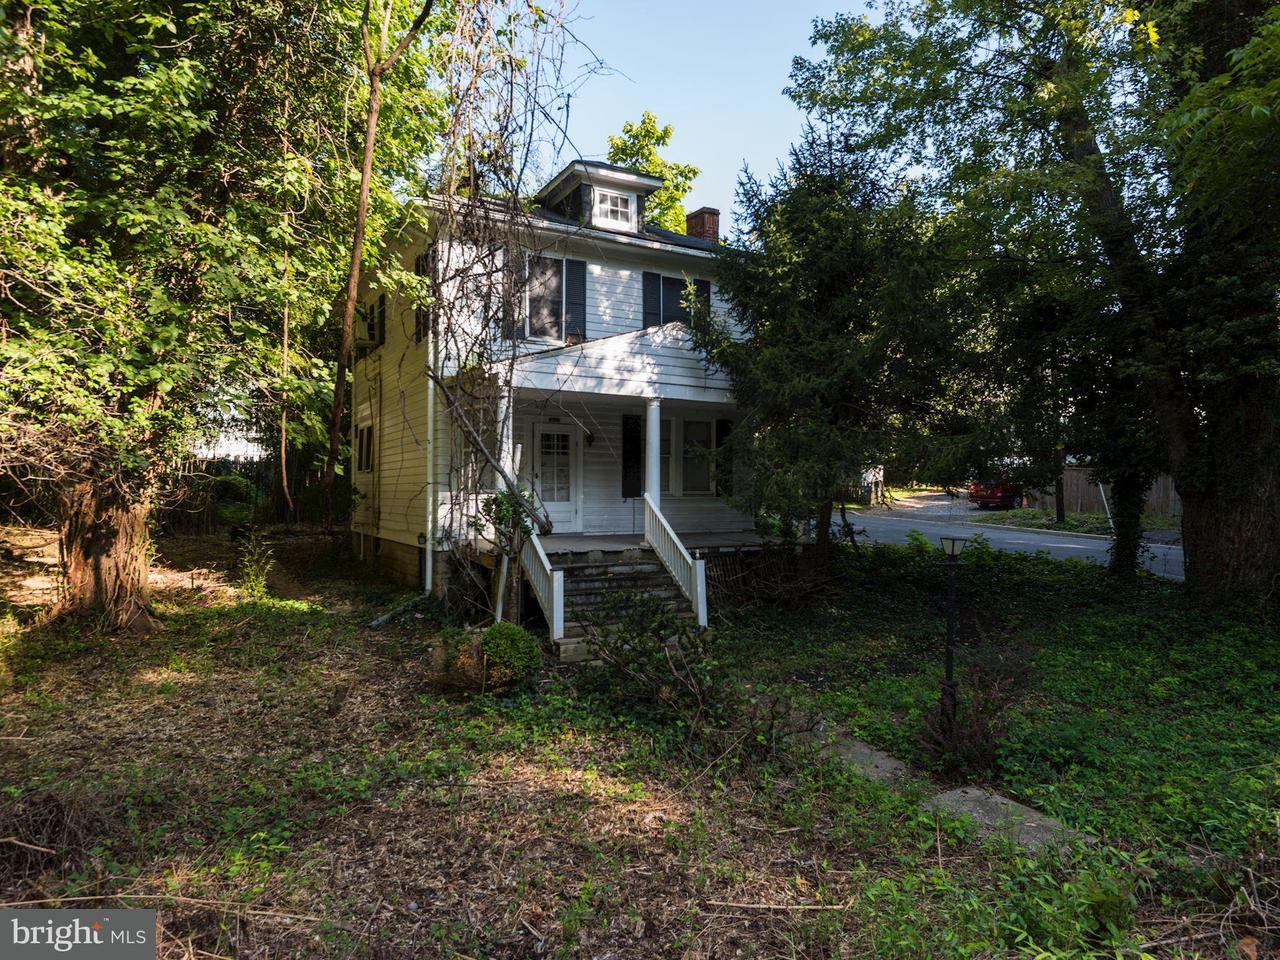 Μονοκατοικία για την Πώληση στο 2718 Arizona Ave Nw 2718 Arizona Ave Nw Washington, Περιφερεια Τησ Κολουμπια 20016 Ηνωμενεσ Πολιτειεσ